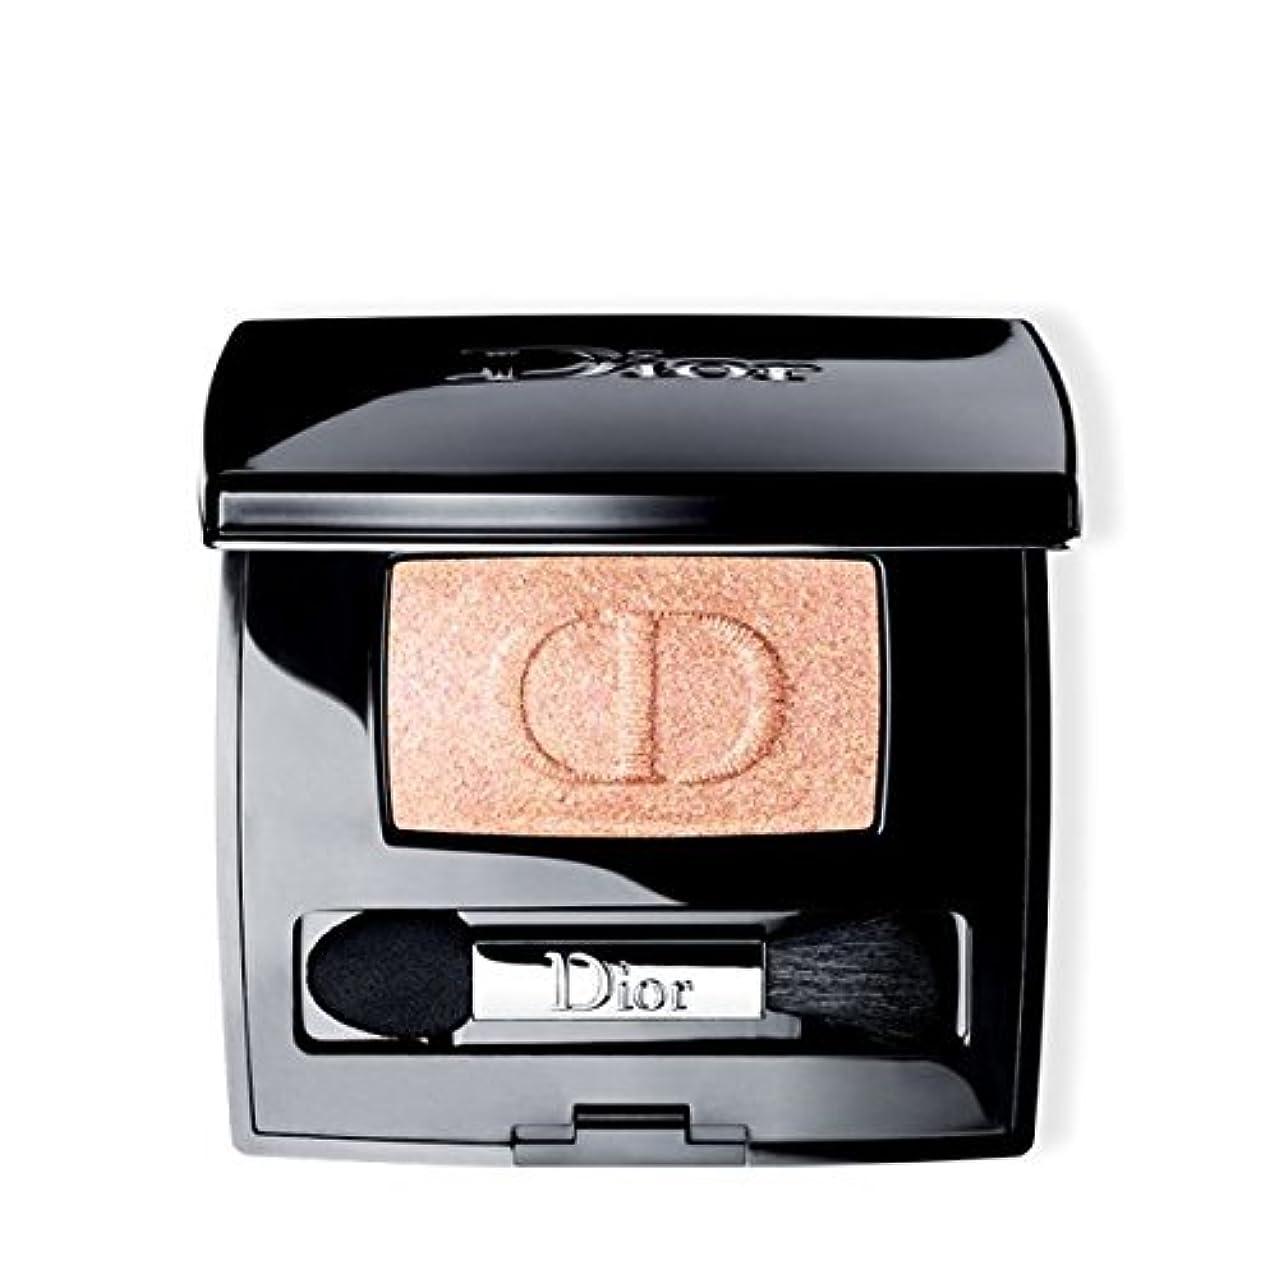 ナビゲーション繁栄する防腐剤Dior(ディオール) ディオールショウ モノ #633:ミラージュ(限定色)